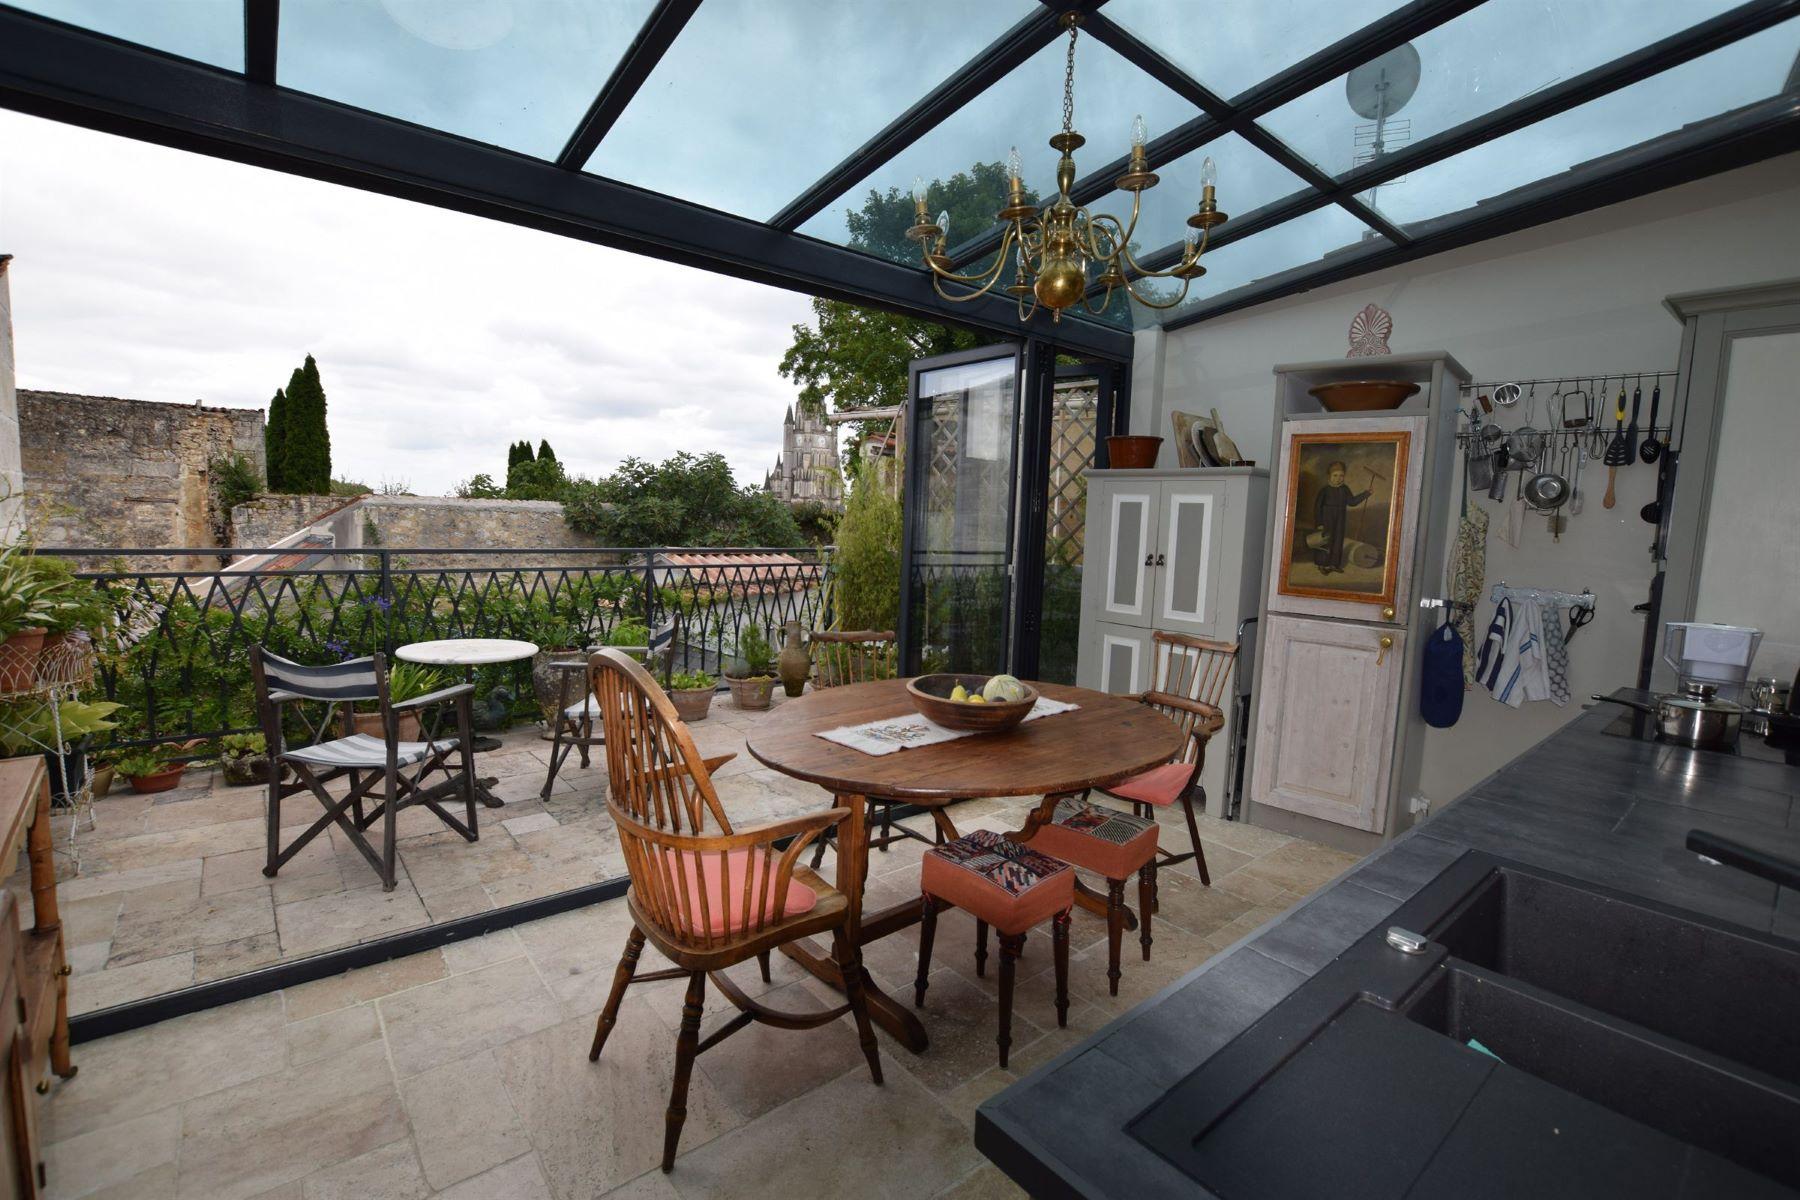 Single Family Home for Sale at Town house - SAINTES Saintes, Poitou-Charentes, 17100 France